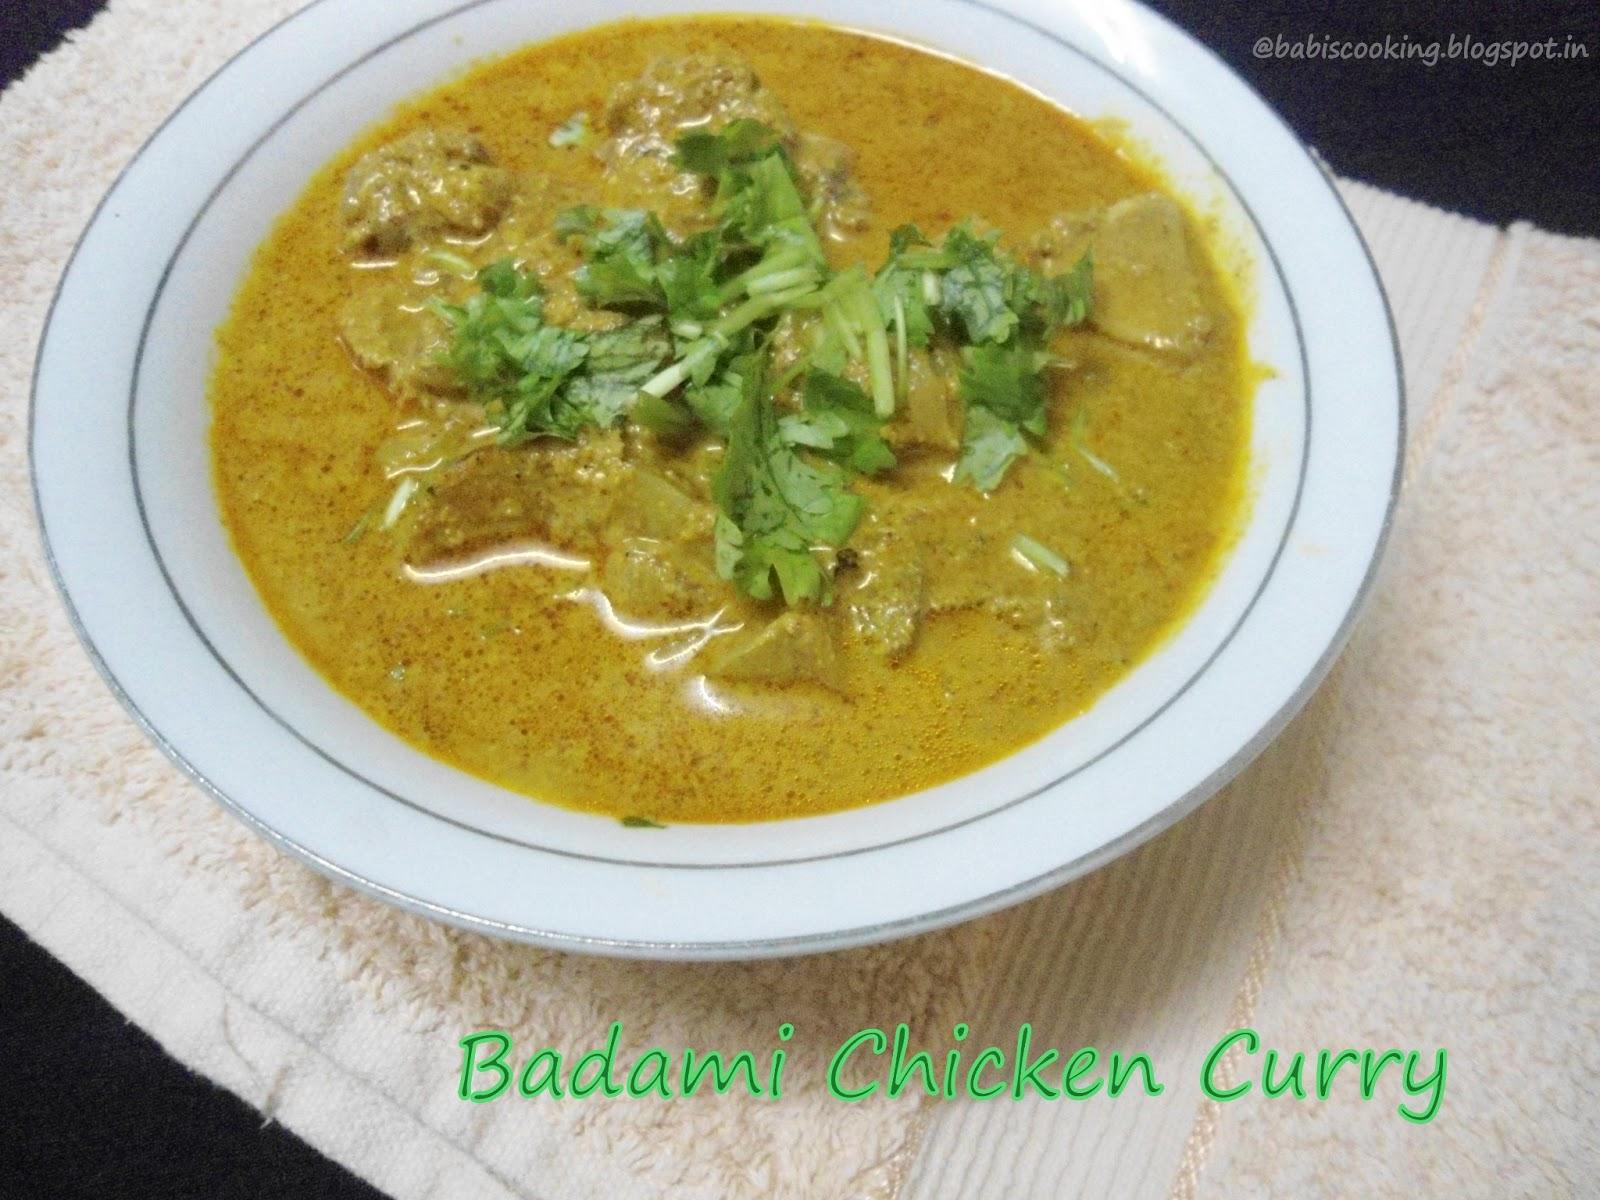 Badami chicken